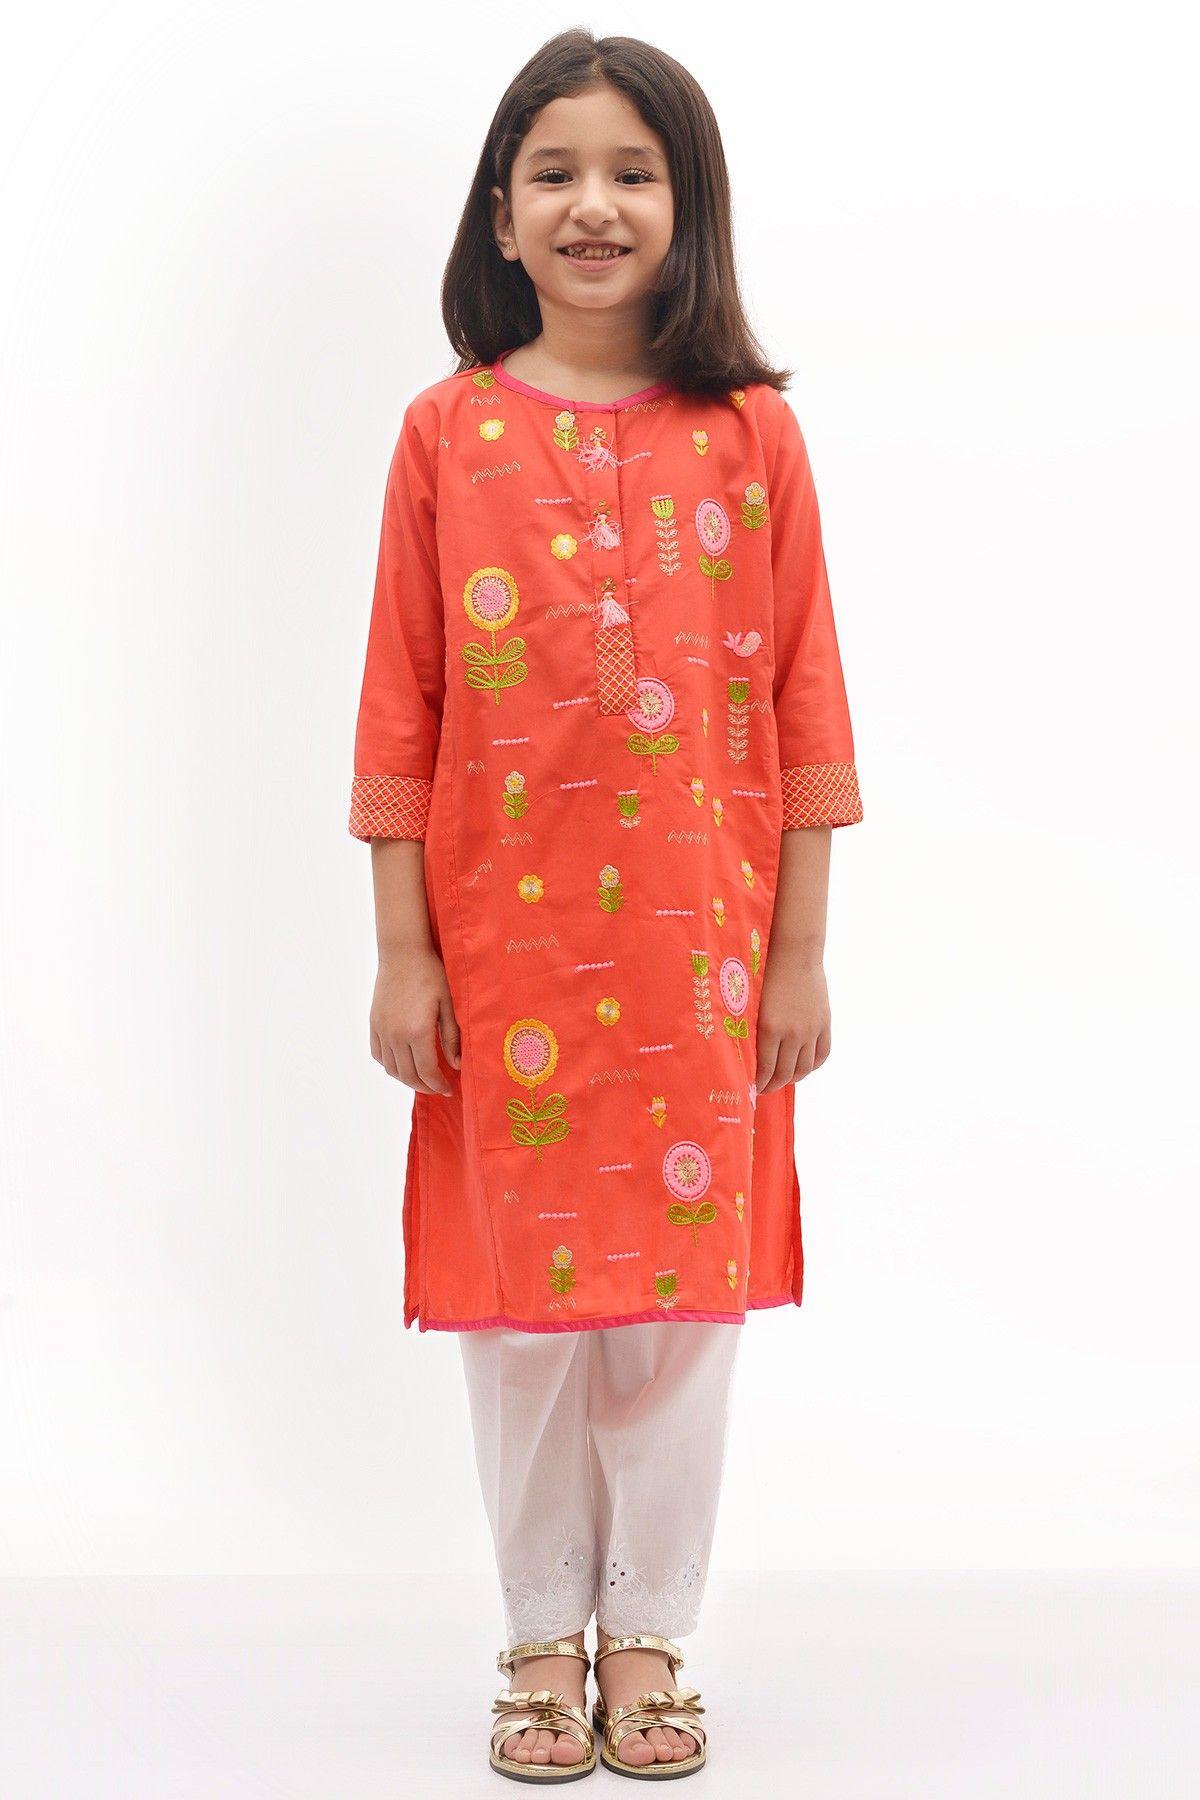 Khaadi Baby Girls Dresses For Summer 2017